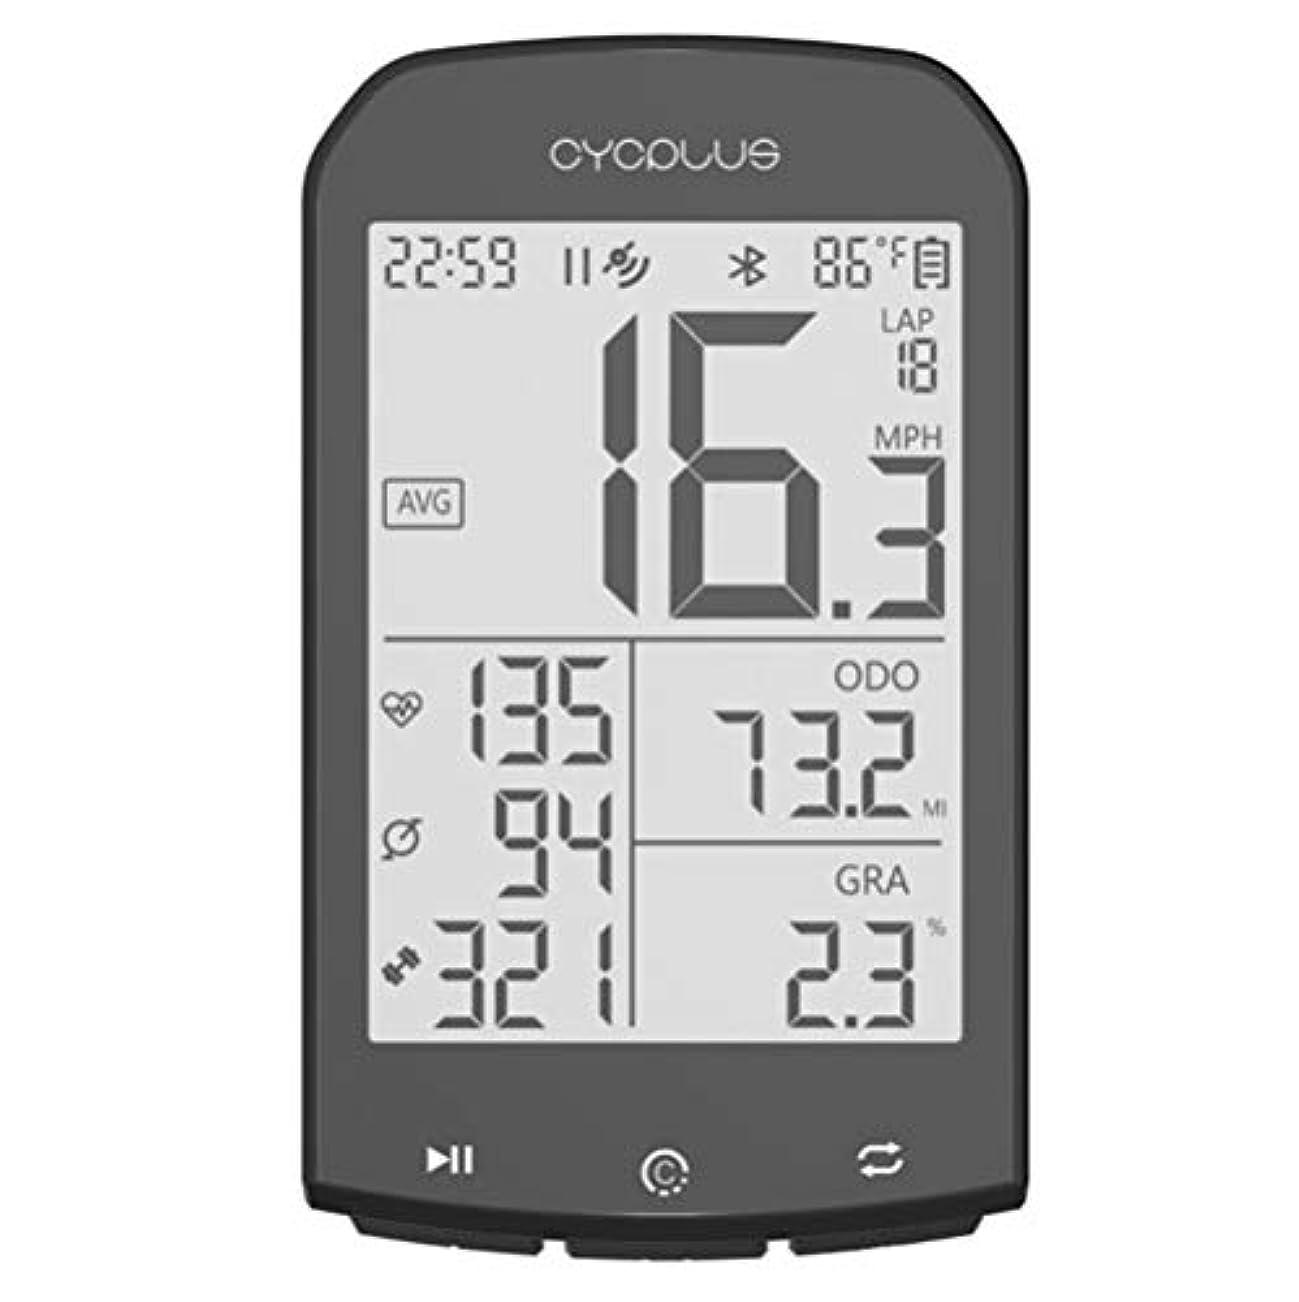 ピカソストレッチ微弱Kiowon 自転車コンピューター バイクスピードメーター LCD発光 走行距離計 防水レベルIPX6 ANT +サイクリングコード表 無線Bluetooth 4.0受信